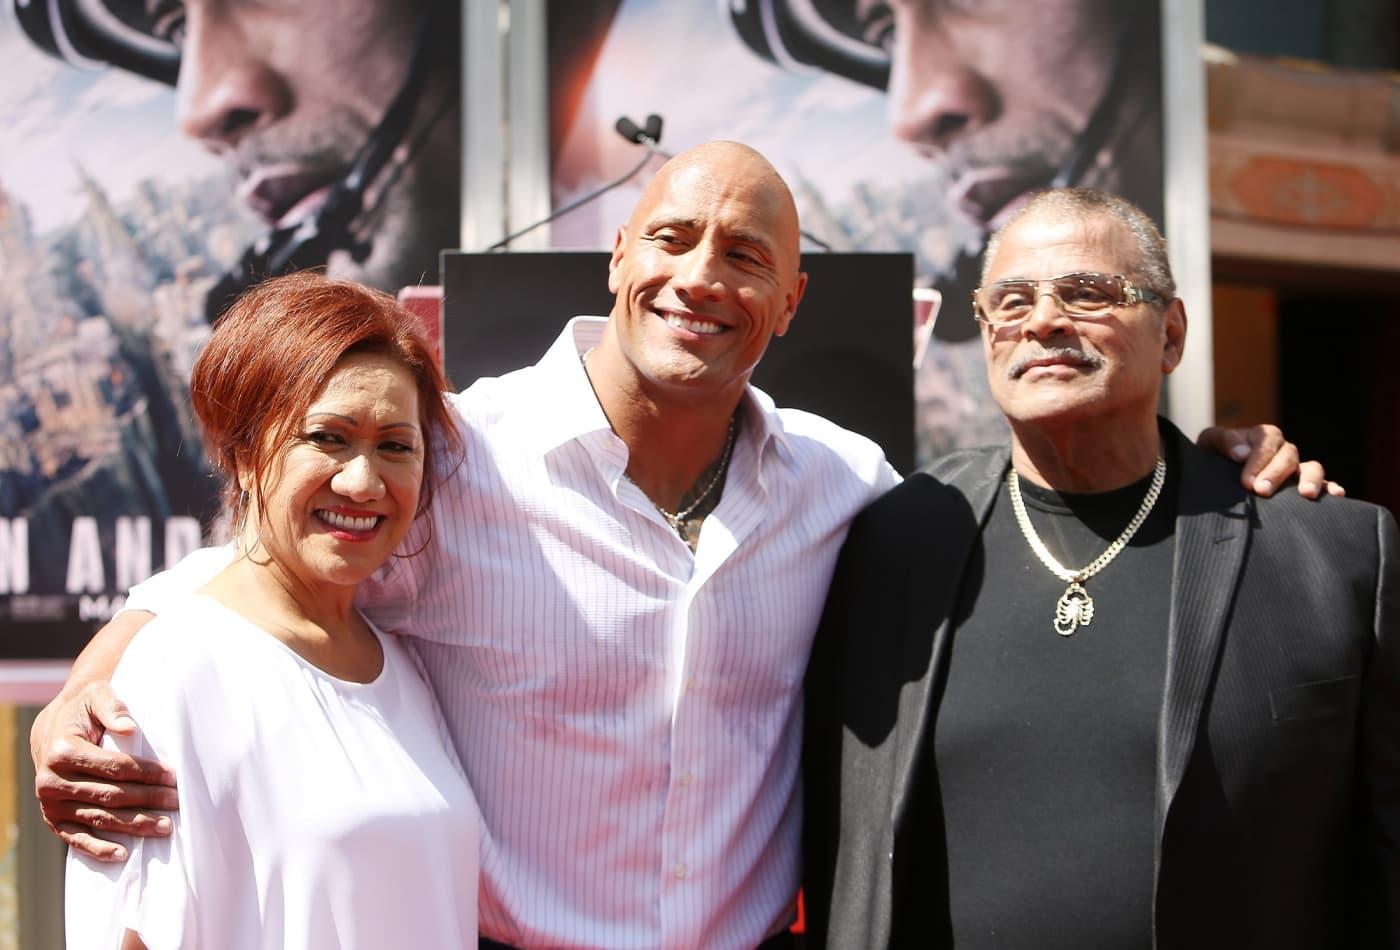 Dwayne 'The Rock' révèle enfin la cause de la mort subite de son père